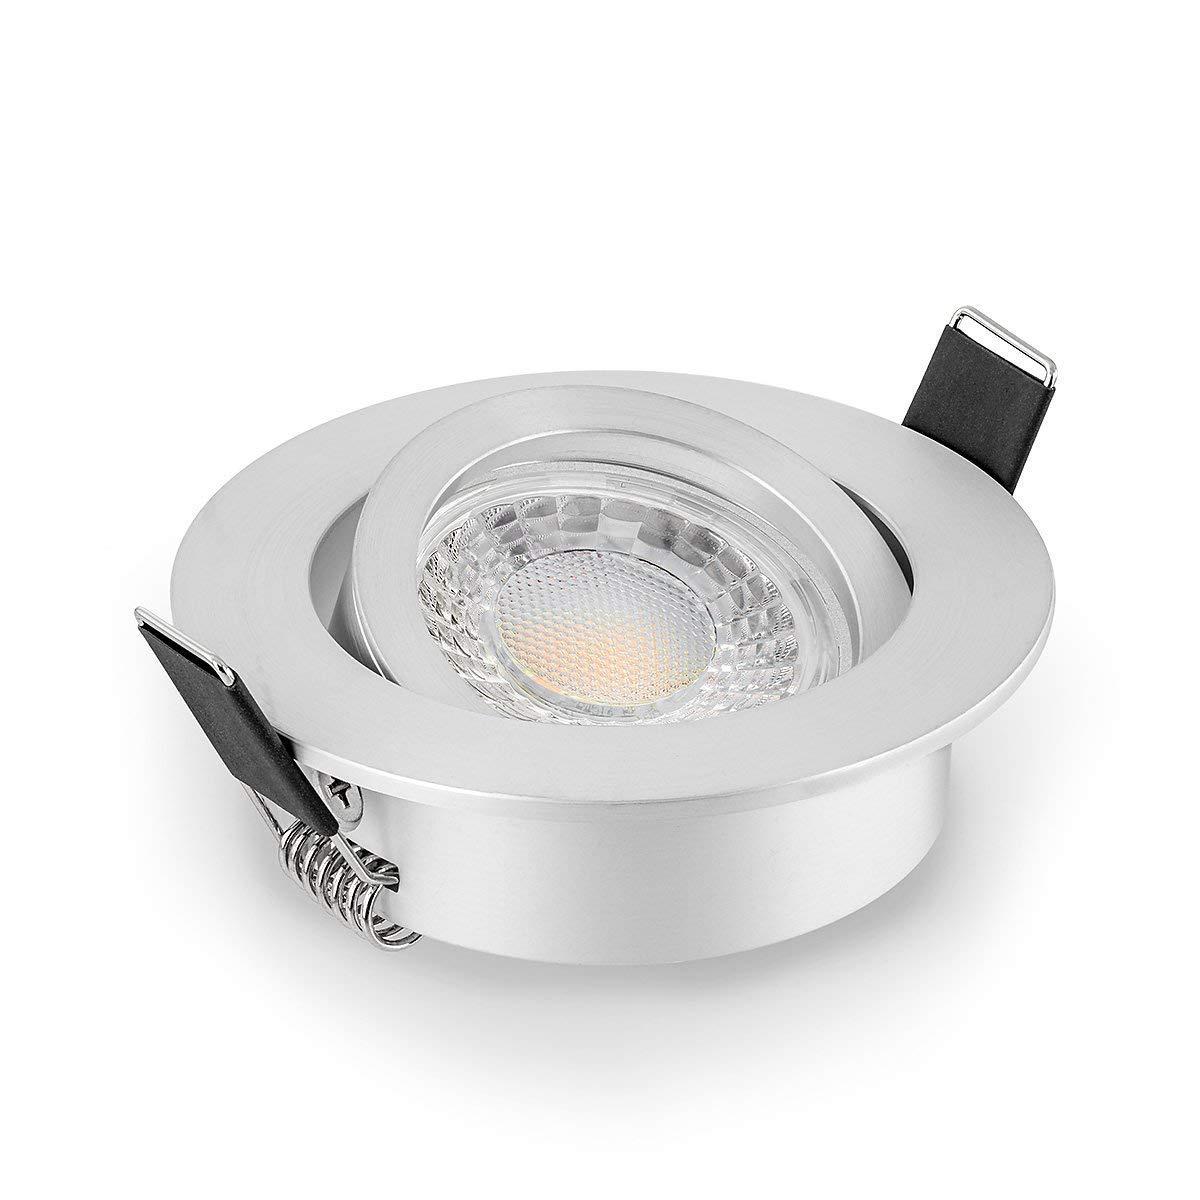 10 x LED Einbaustrahler Set dimmbar & schwenkbar inkl. Einbaurahmen 230V 7W GU10 (3000K 10er Set)